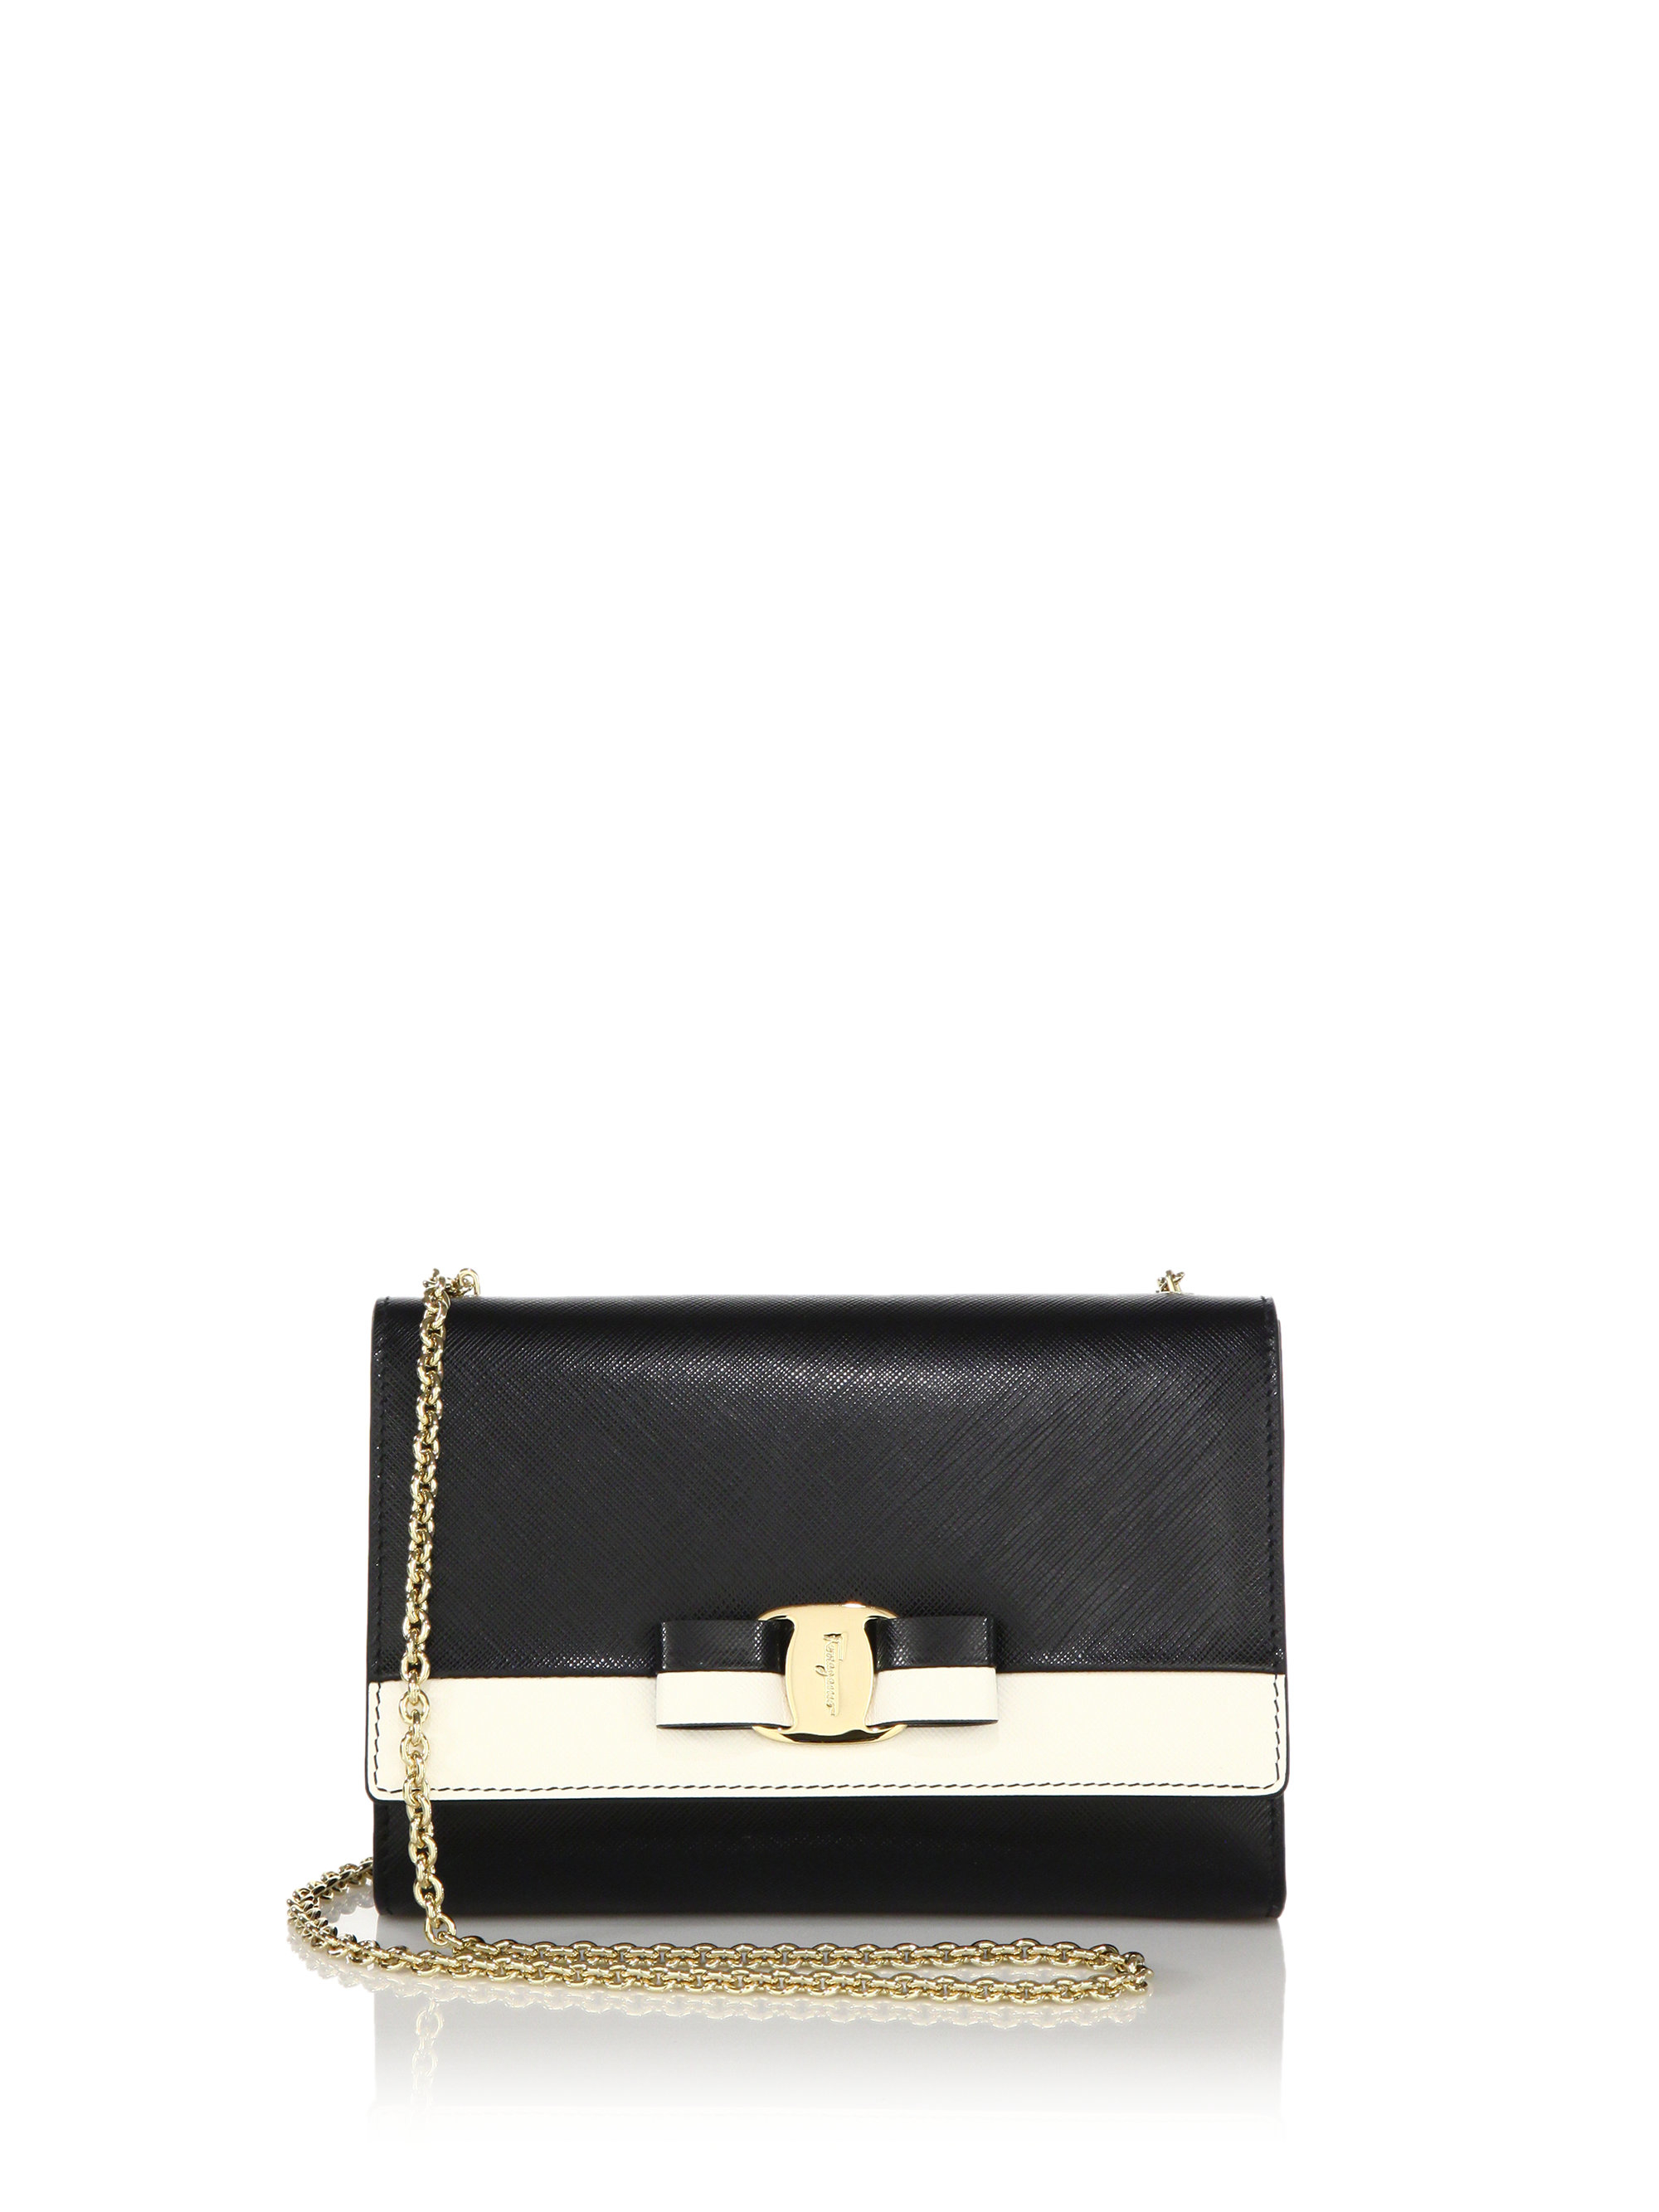 Lyst - Ferragamo Miss Vara Mini Two-tone Saffiano Leather Chain ... b4d1654616